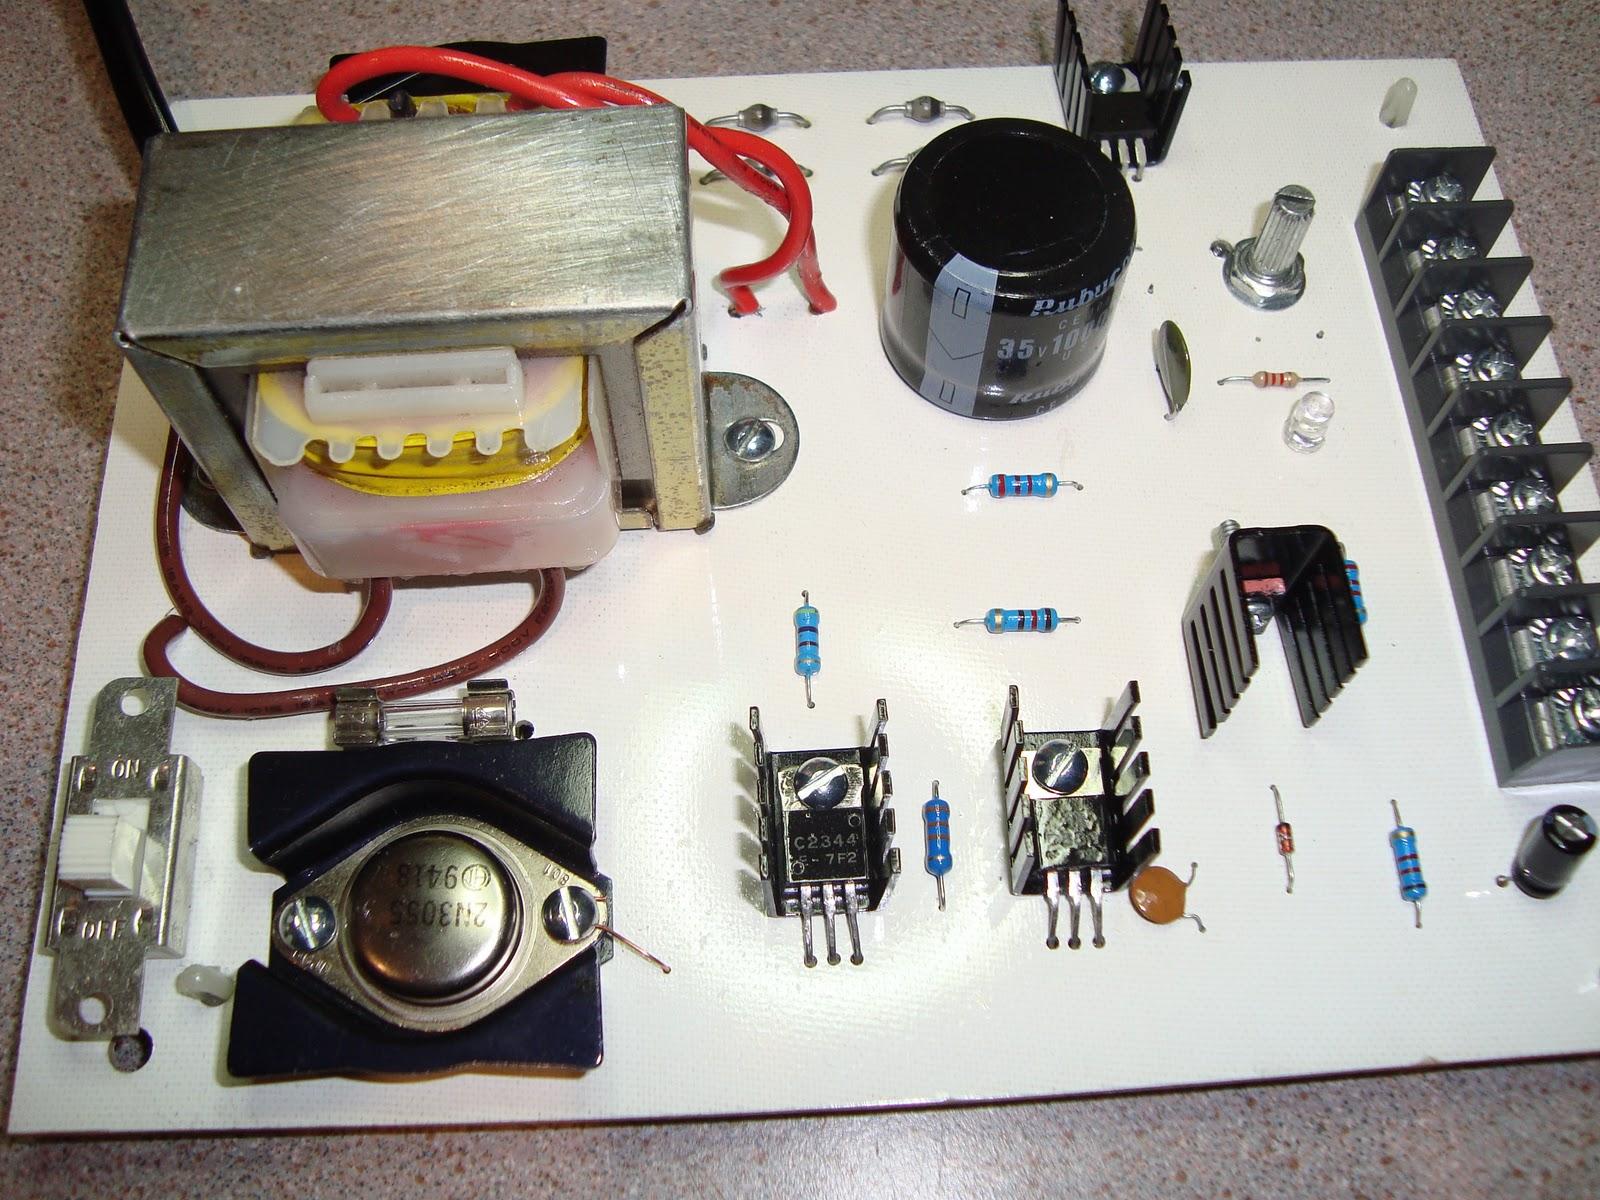 Circuito Luces Audioritmicas : Mecatrónica monterrey quot cursos rápidos y efectivos curso